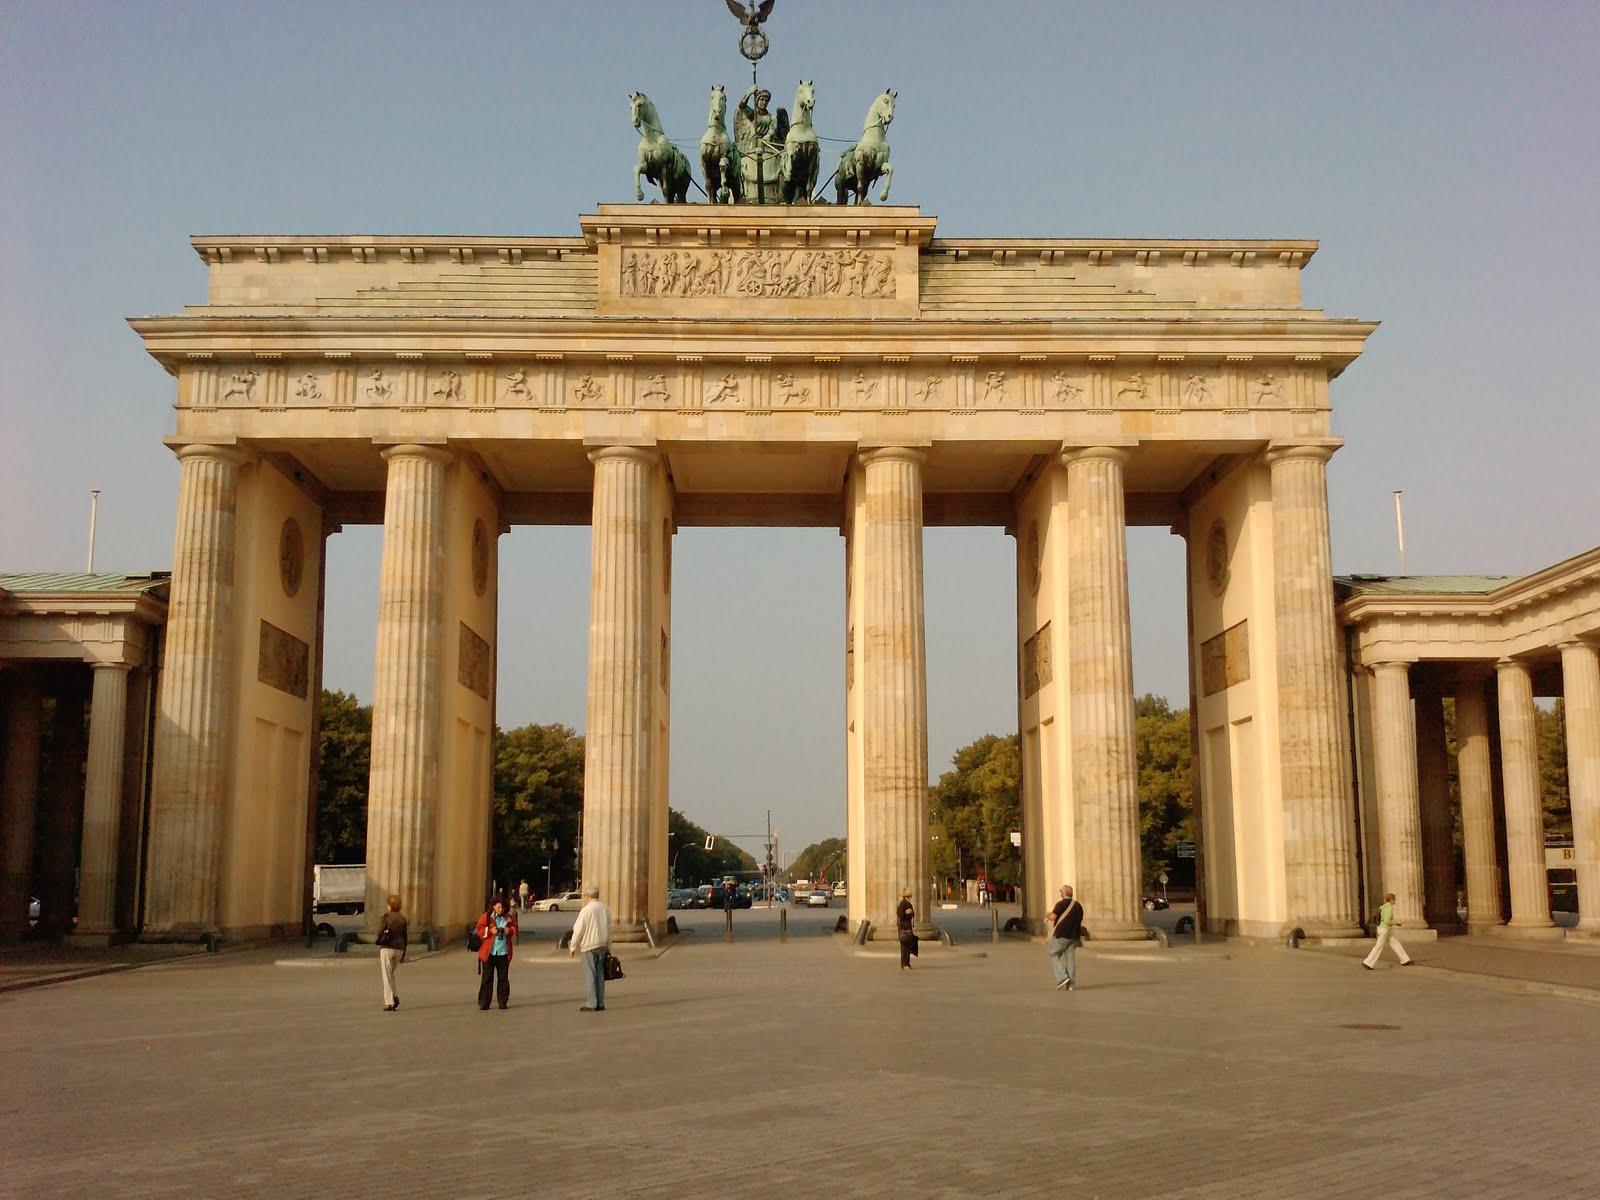 Resultado de imagen para Puerta de Brandeburgo.